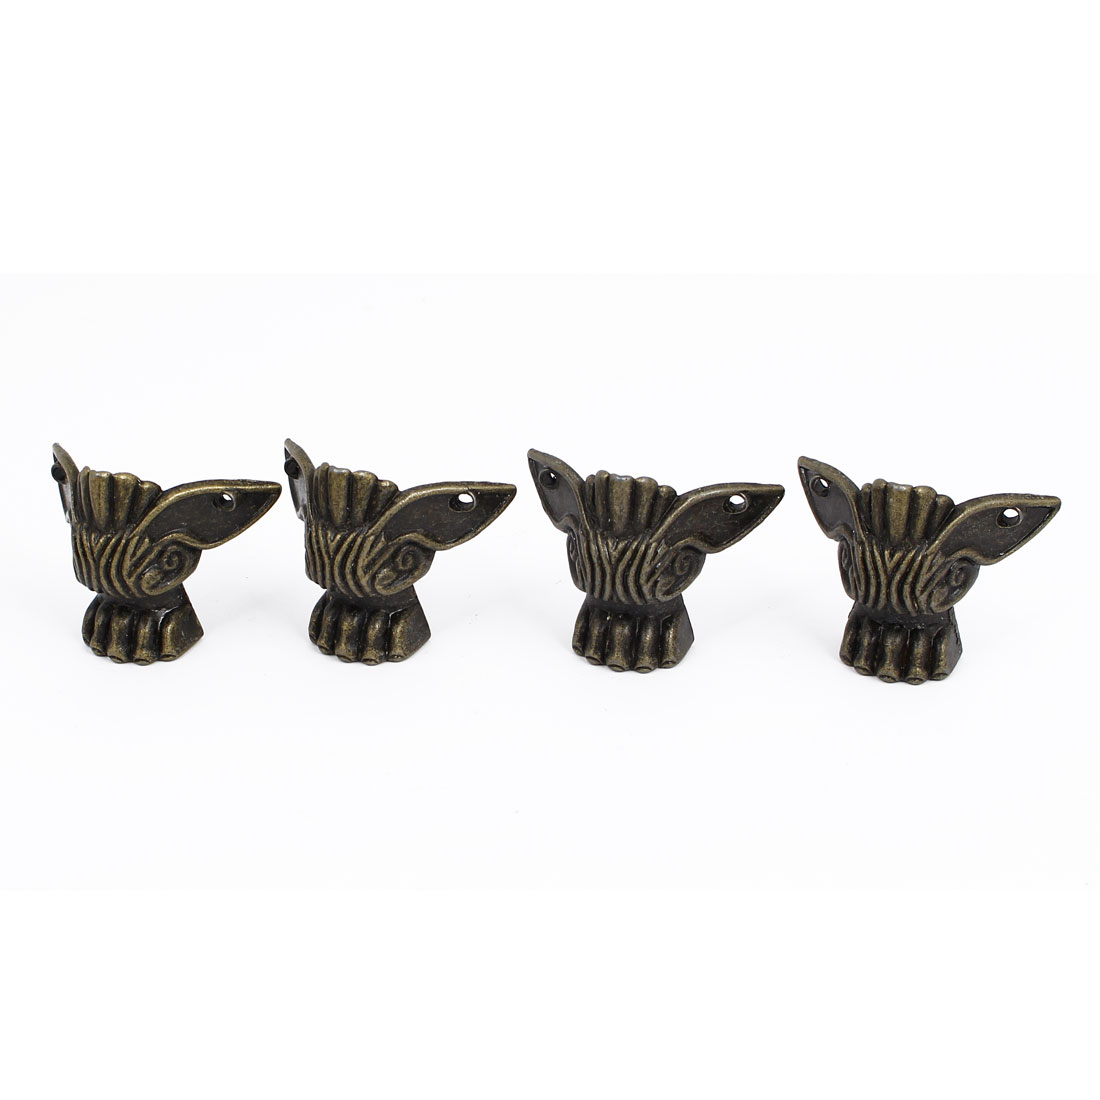 Metal Decorative Box Corner Protector Guard Bronze Tone 4pcs